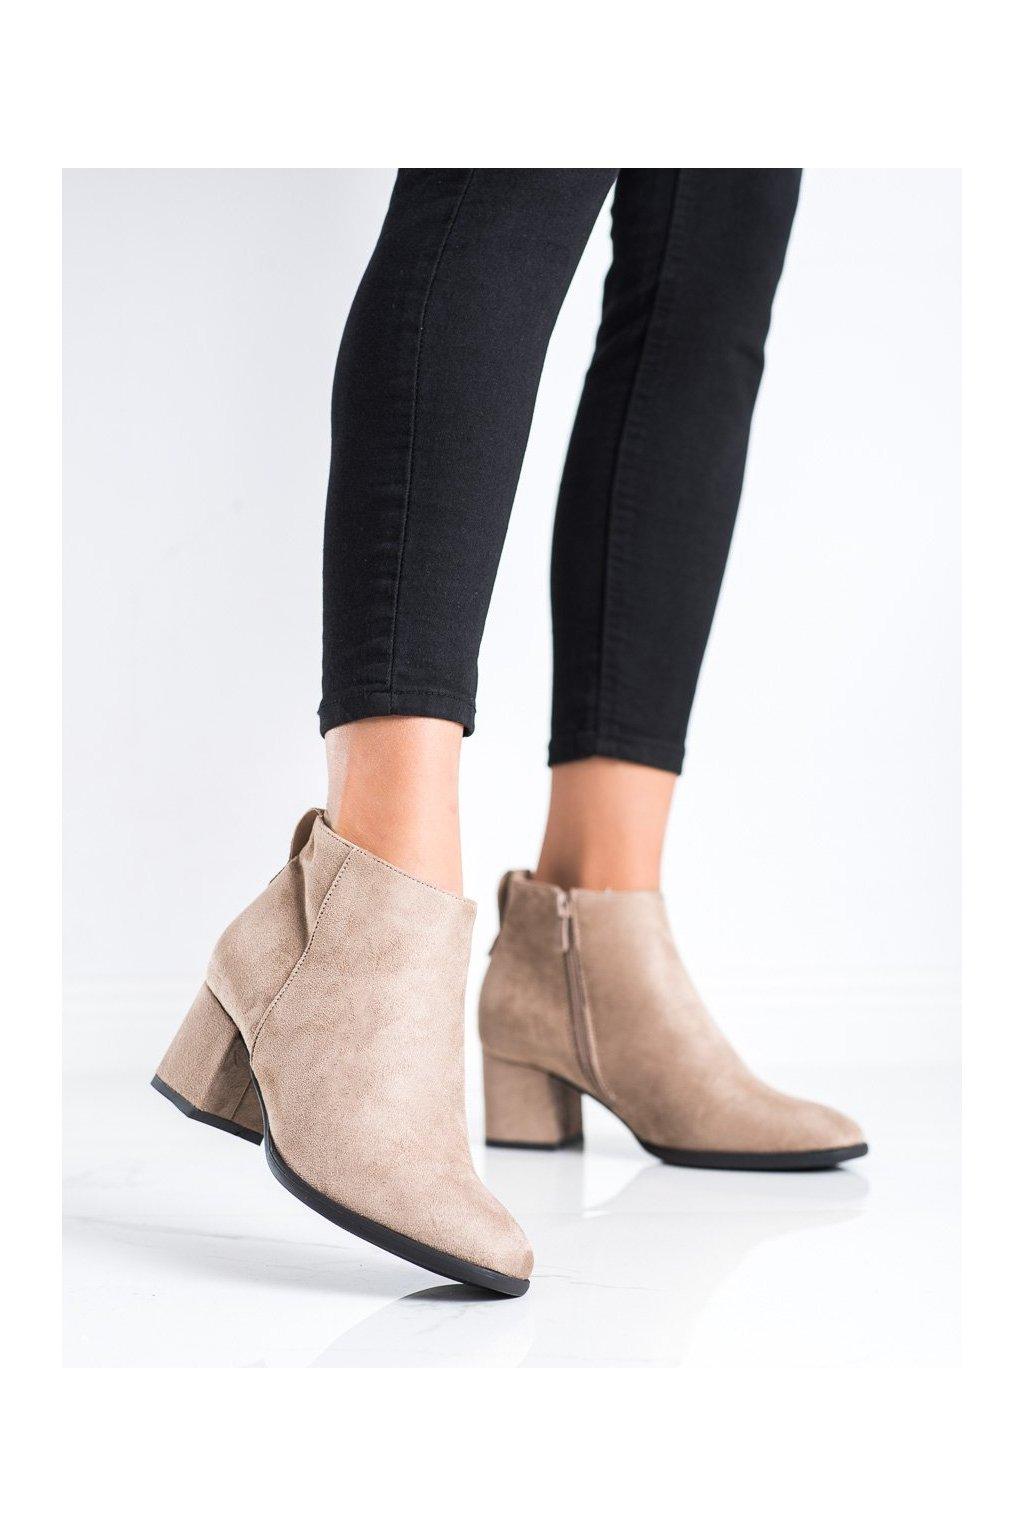 Hnedé dámske topánky Vinceza kod HX22-16240BE